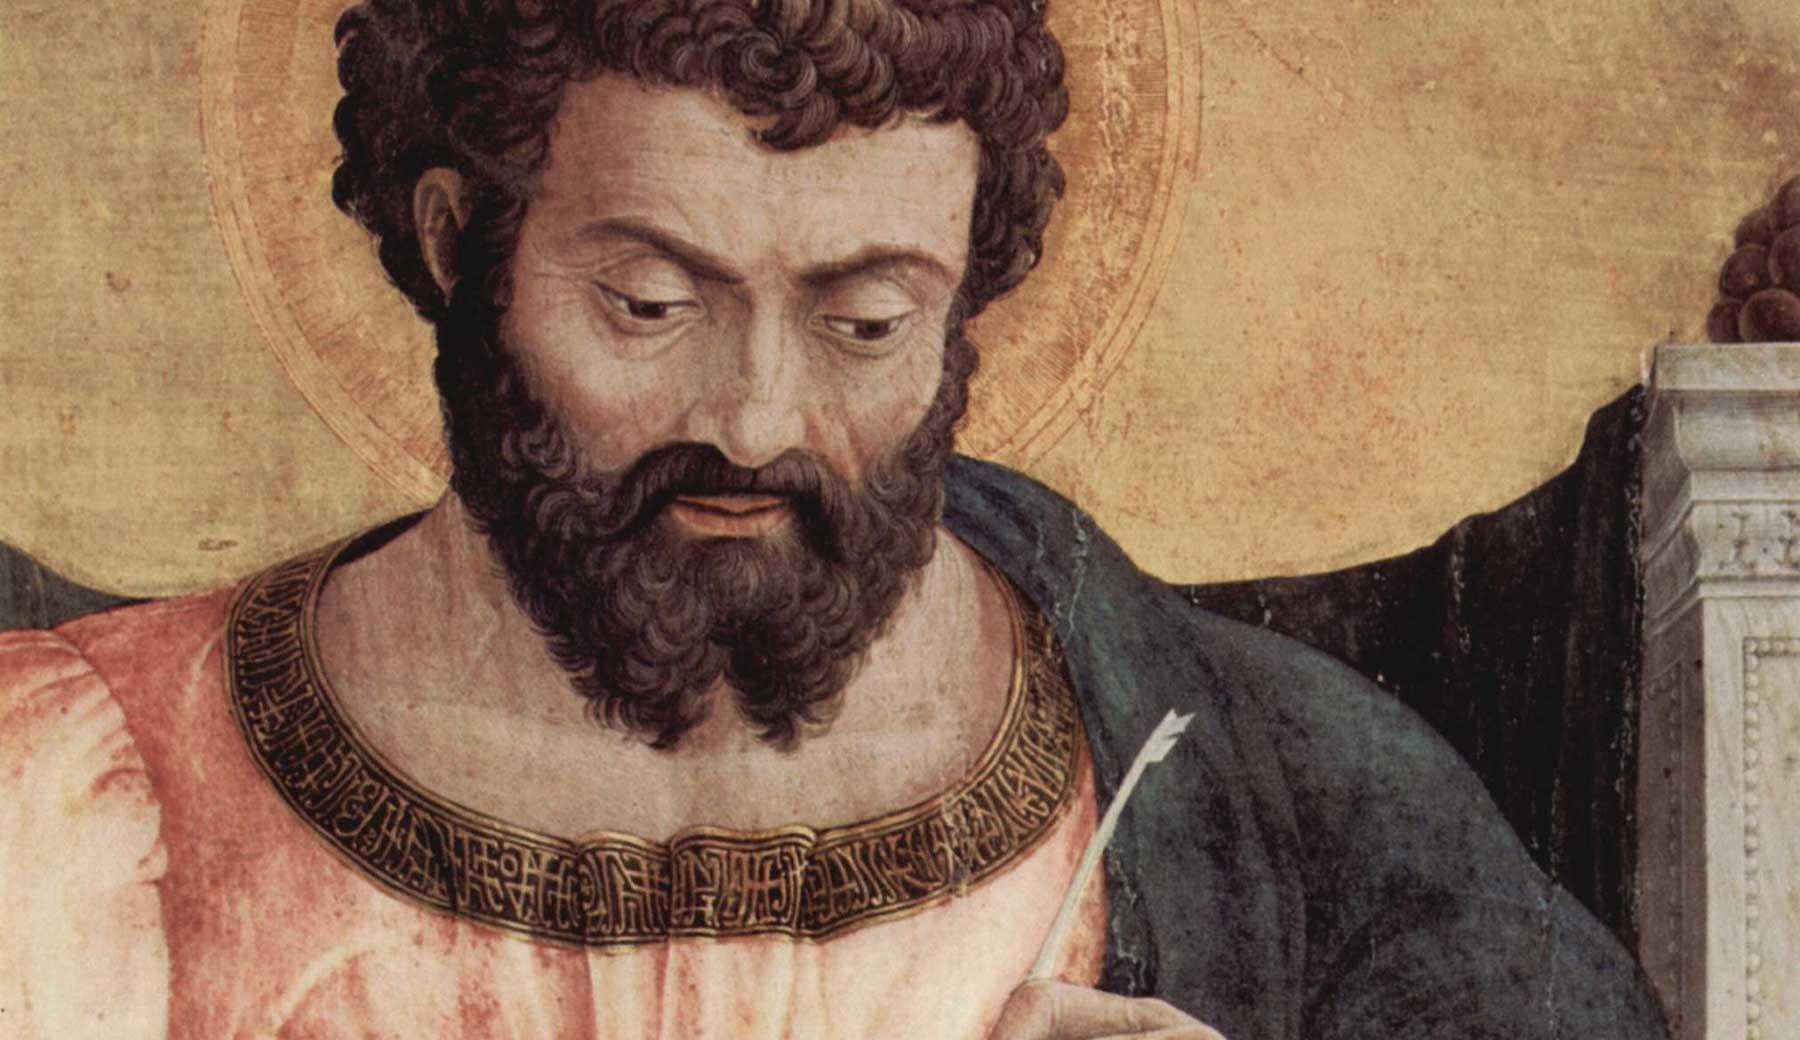 Blessings On The Feast of Saint Luke